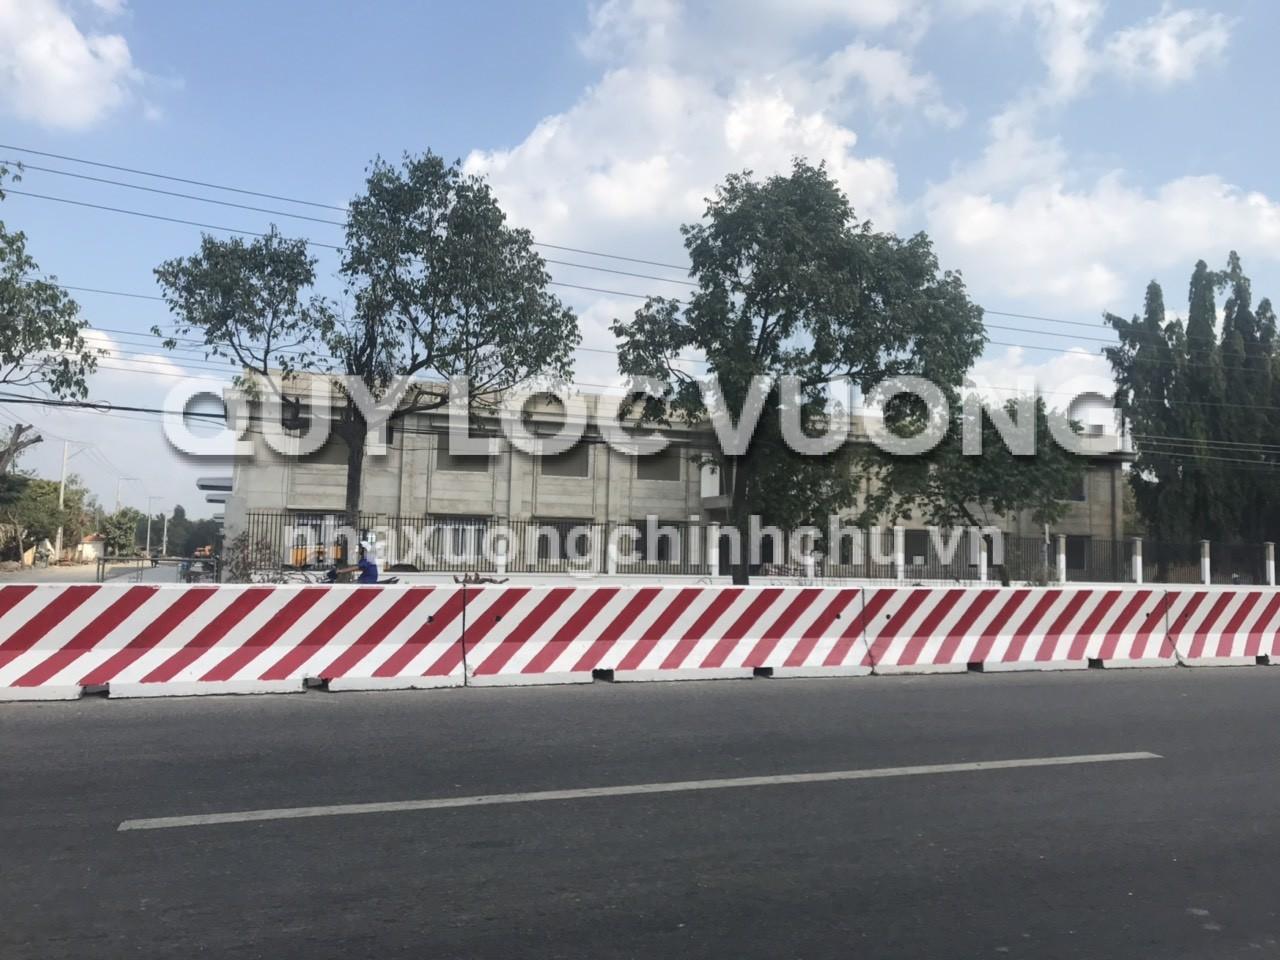 Cho thuê nhà xưởng tại huyện Dầu Tiếng tỉnh Bình Dương, diện tích 40.000m2